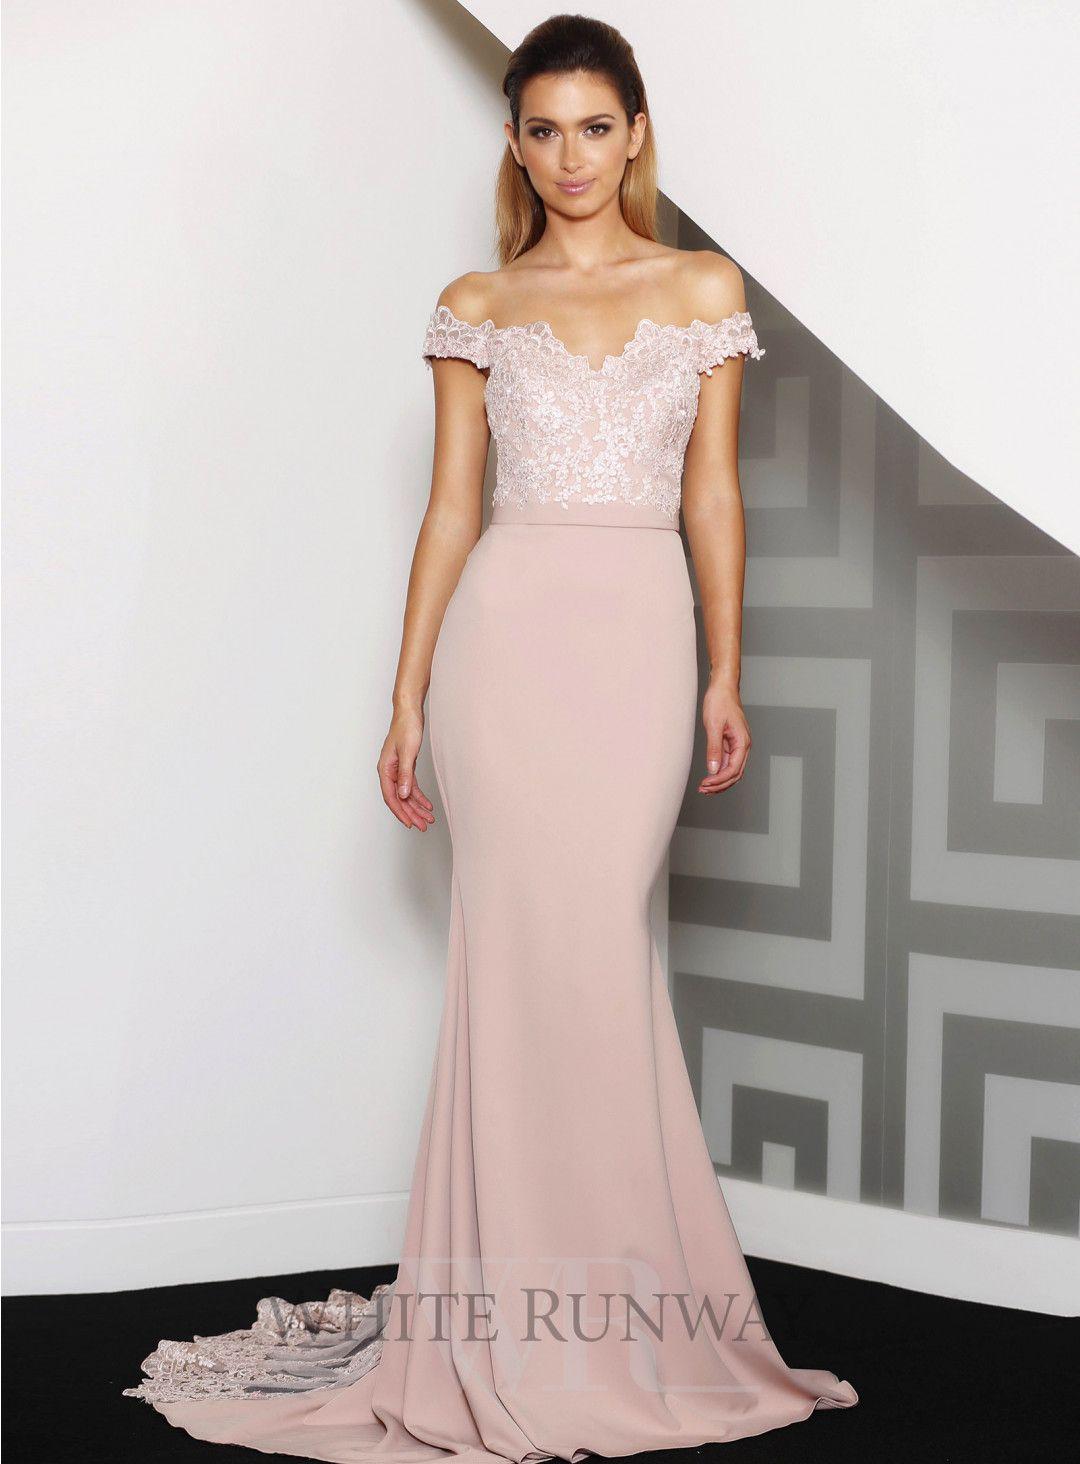 Fein J Adore Prom Kleider Fotos - Brautkleider Ideen - bodmaslive.com